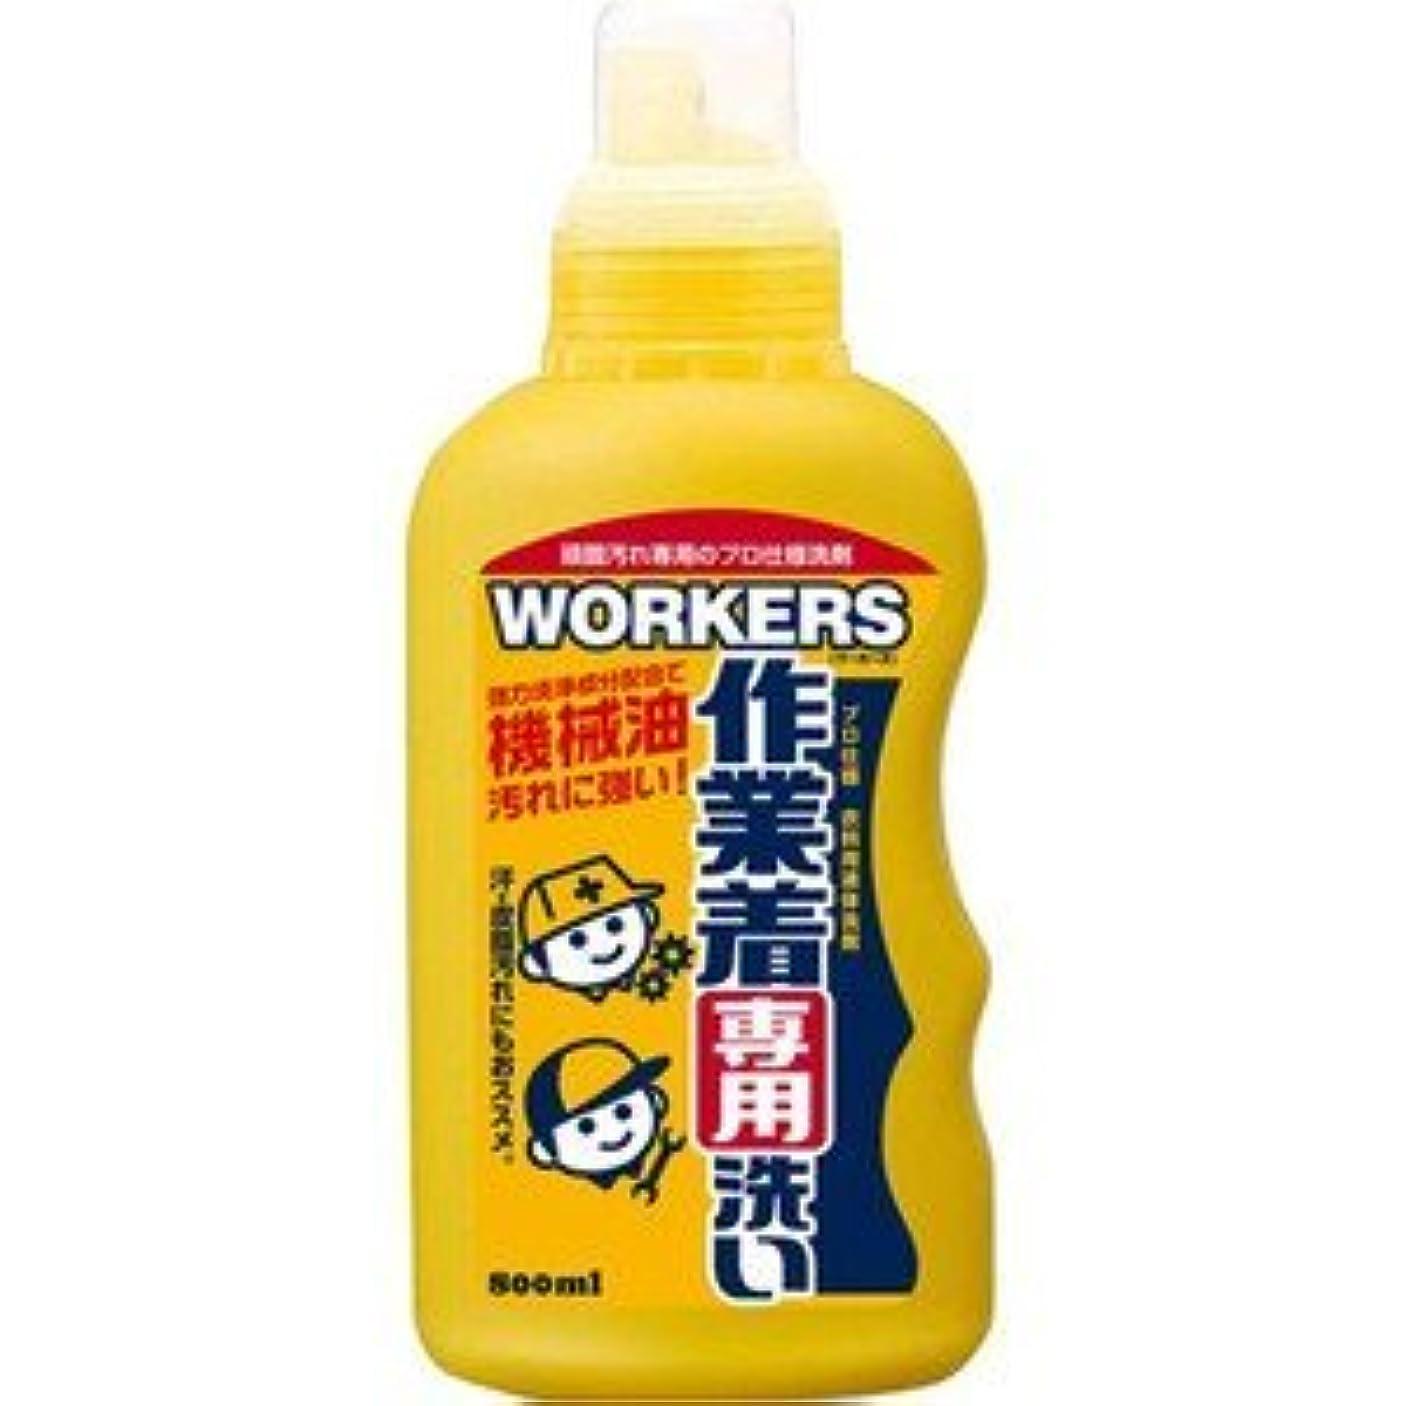 倒錯お嬢モバイル(NSファーファ?ジャパン)WORKERS 作業着液体洗剤 本体 800ml(お買い得3個セット)